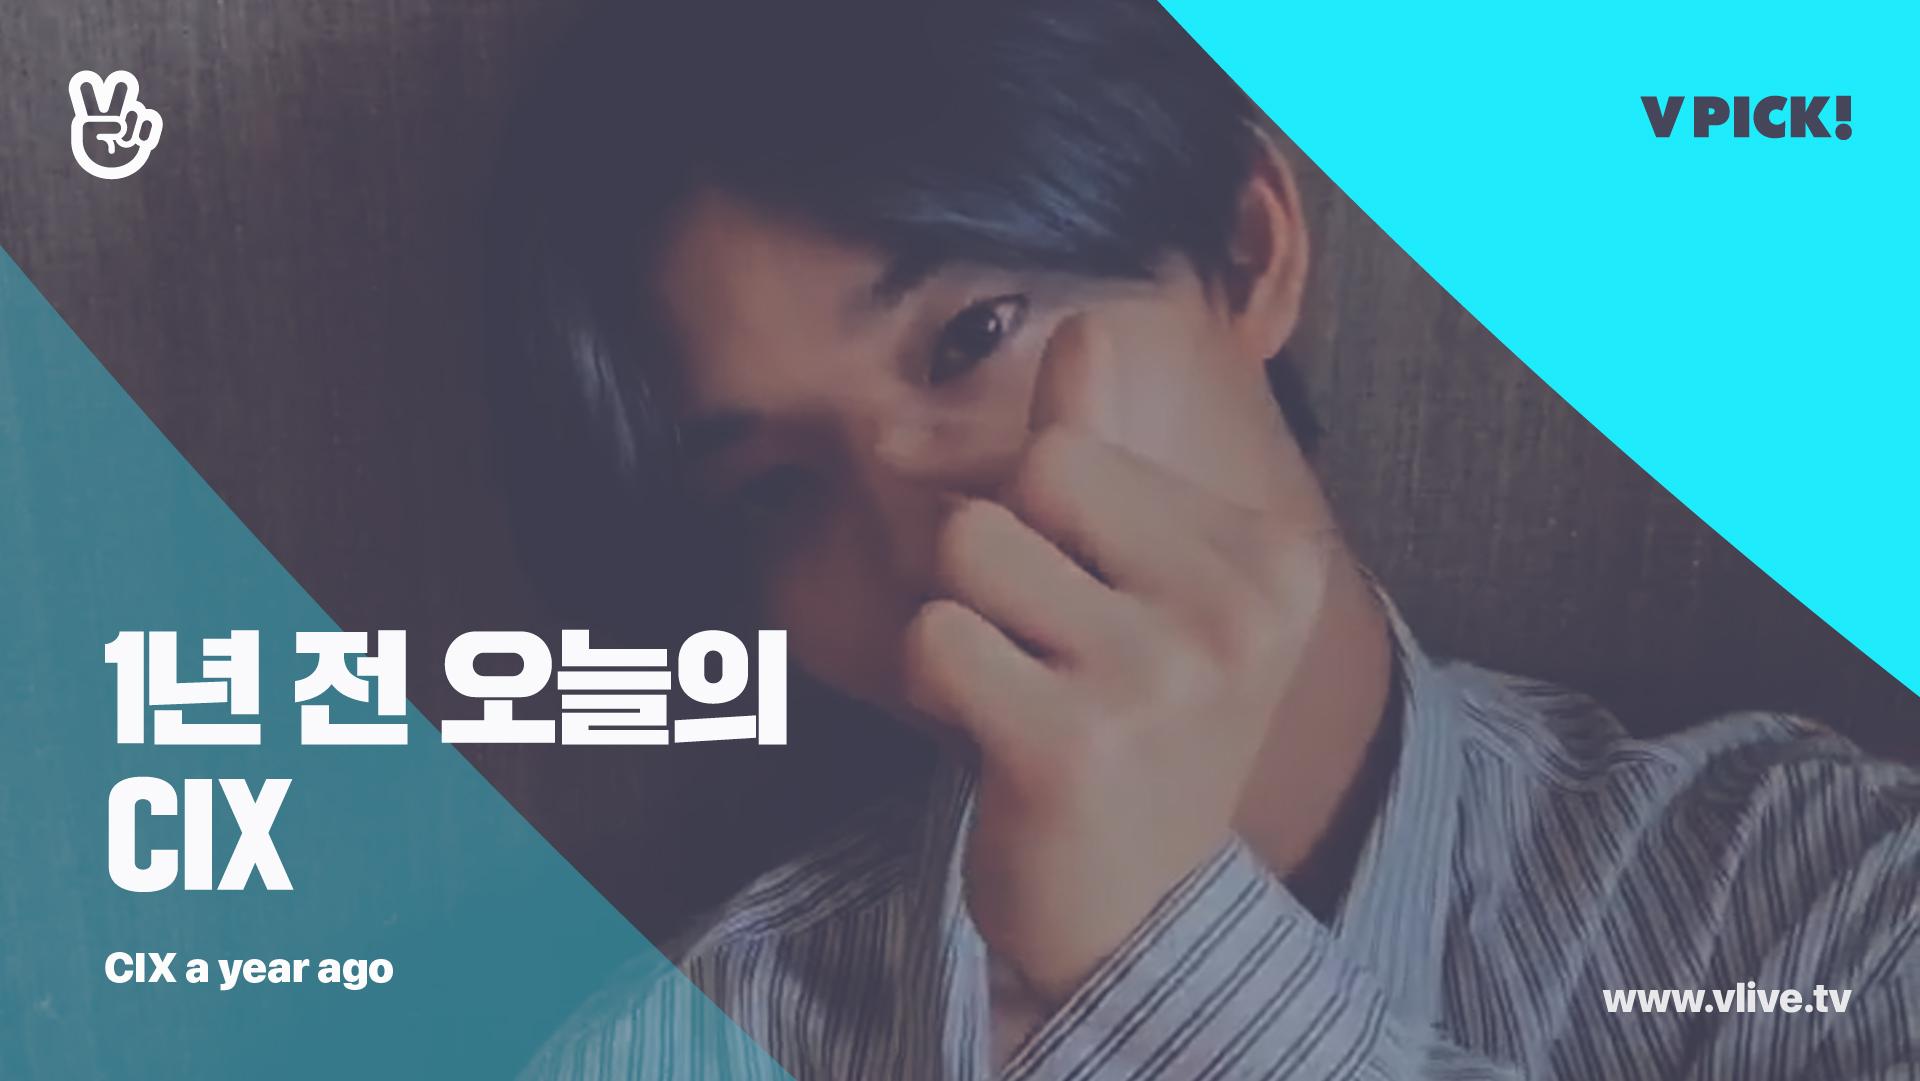 [1년 전 오늘의 CIX] 장마철에도☔️ 진영이만 있다면 행복 만땅☀️ (Jinyoung's V a year ago)